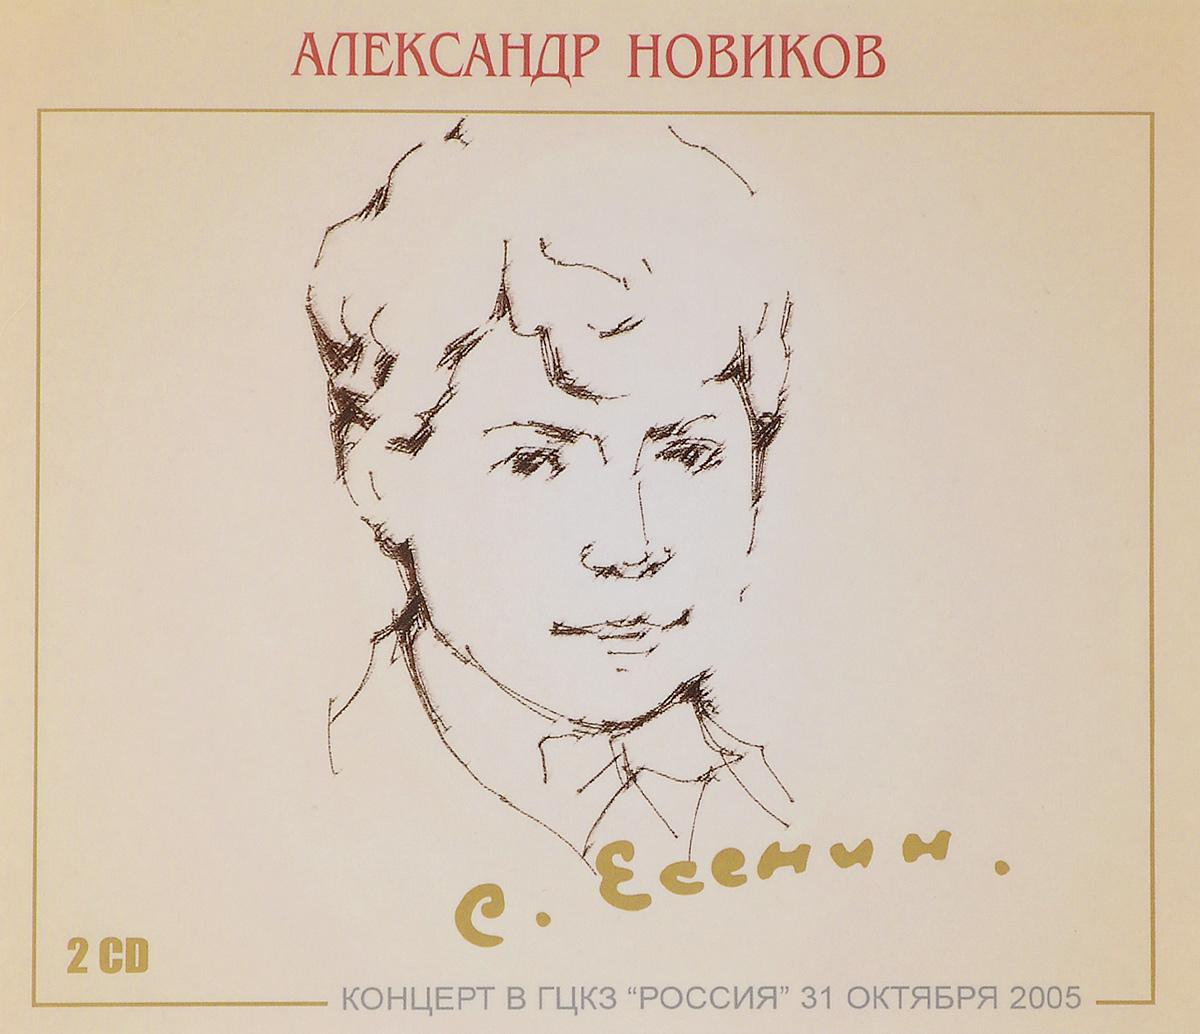 Александр Новиков Александр Новиков. Сергей Есенин - 110 лет. Концерт в ГЦКЗ Россия 31 октября 2005 (2 CD)